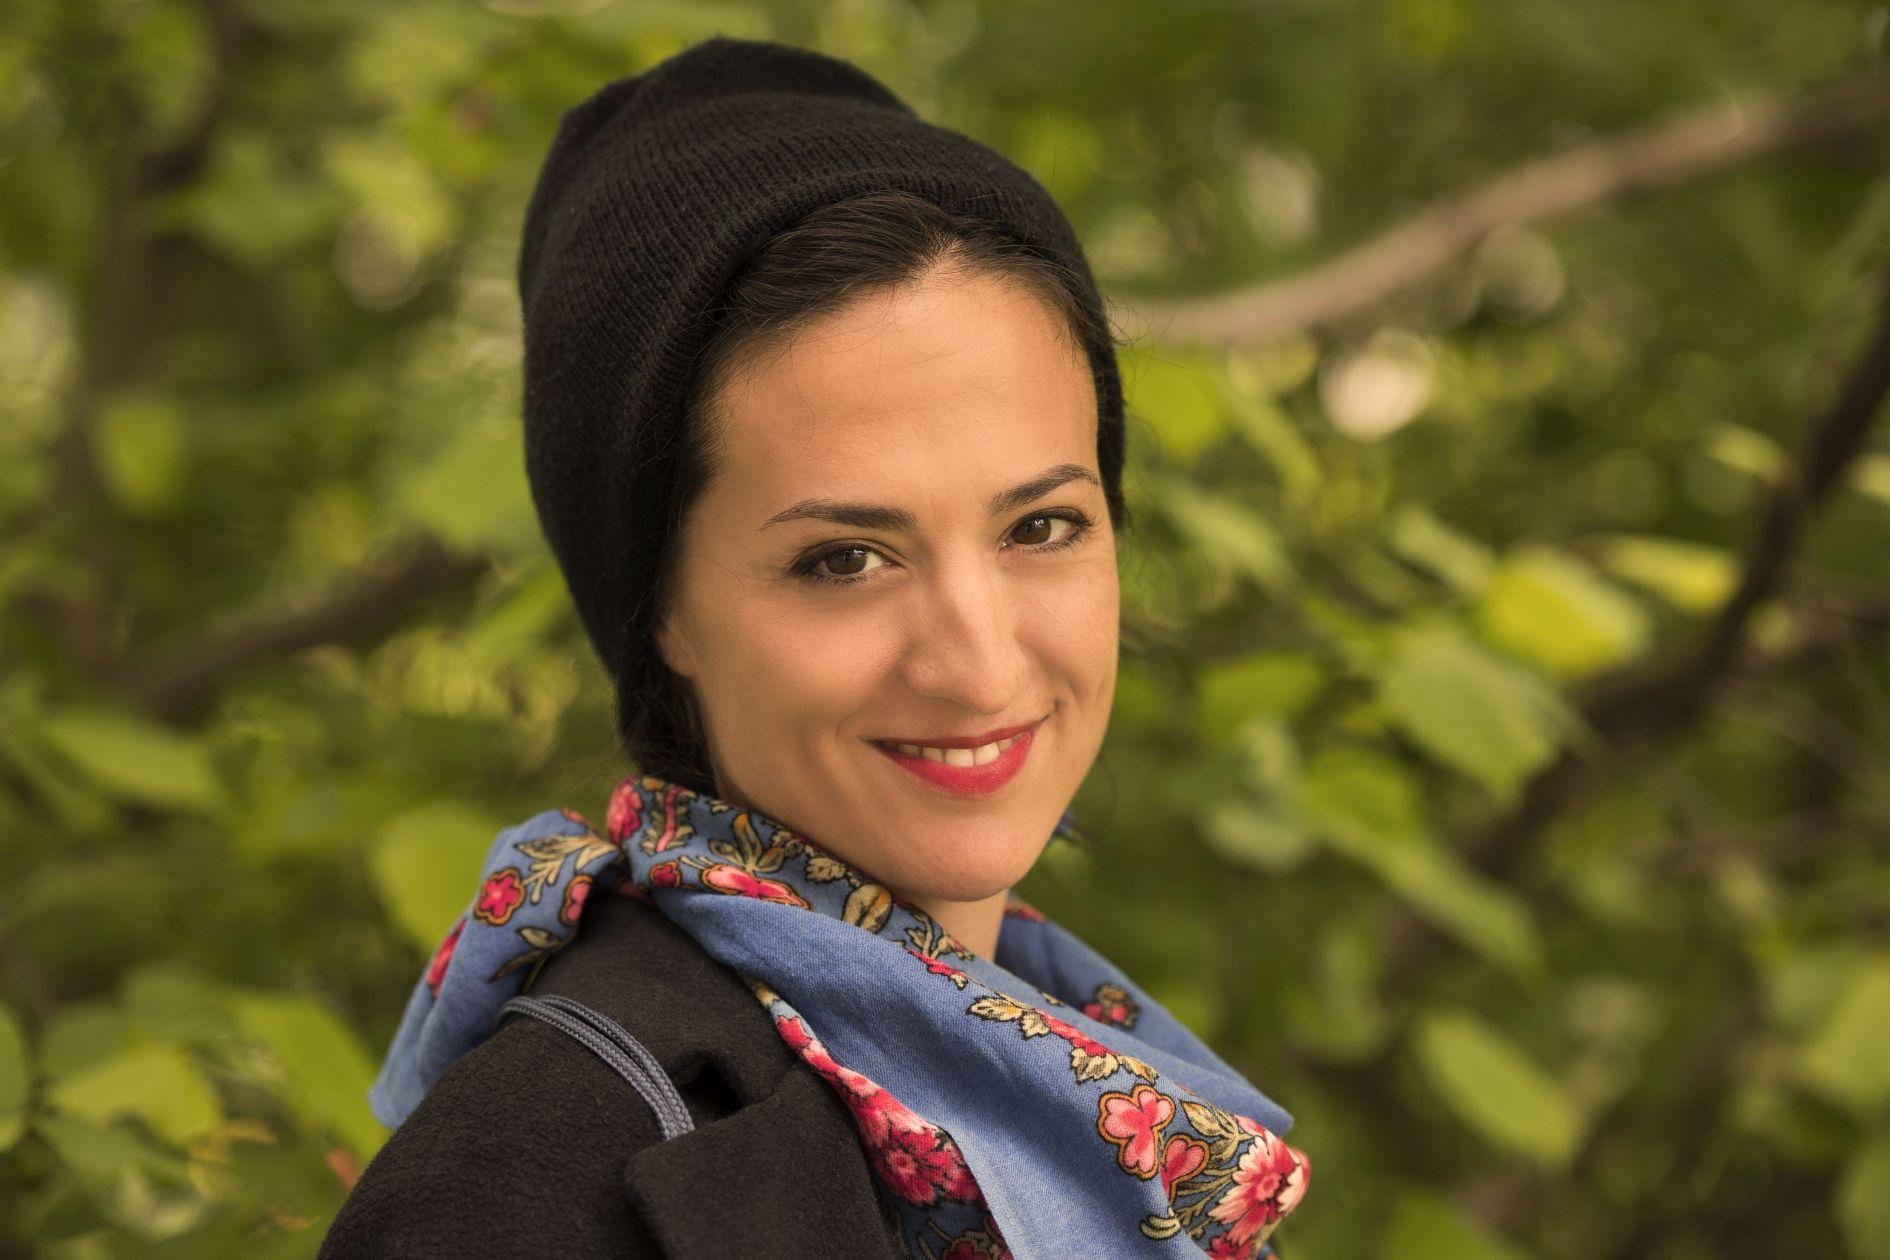 RaquelCarillo-Portrait_outdoor-4-21prct